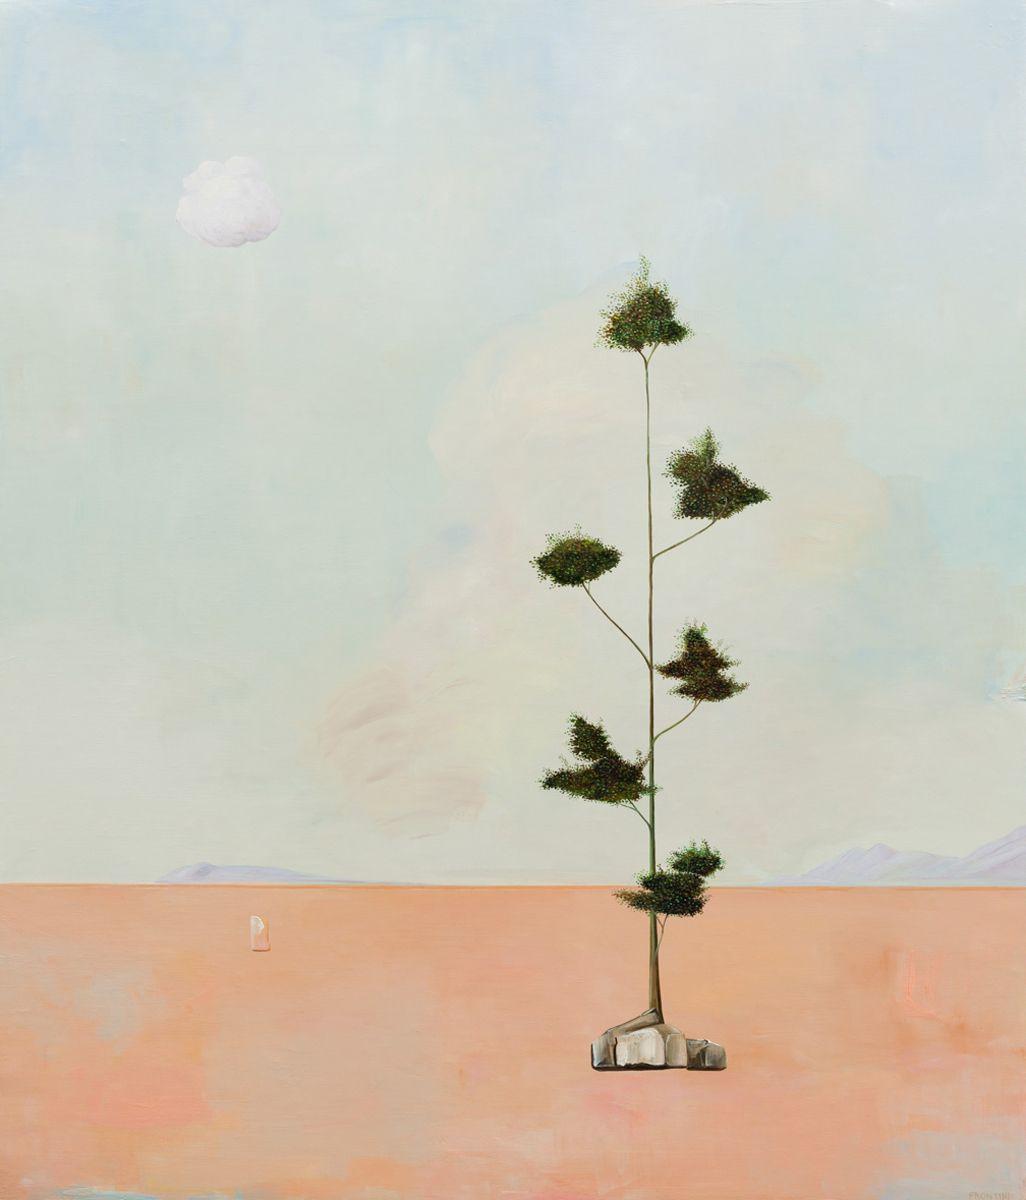 Desert Tree #3